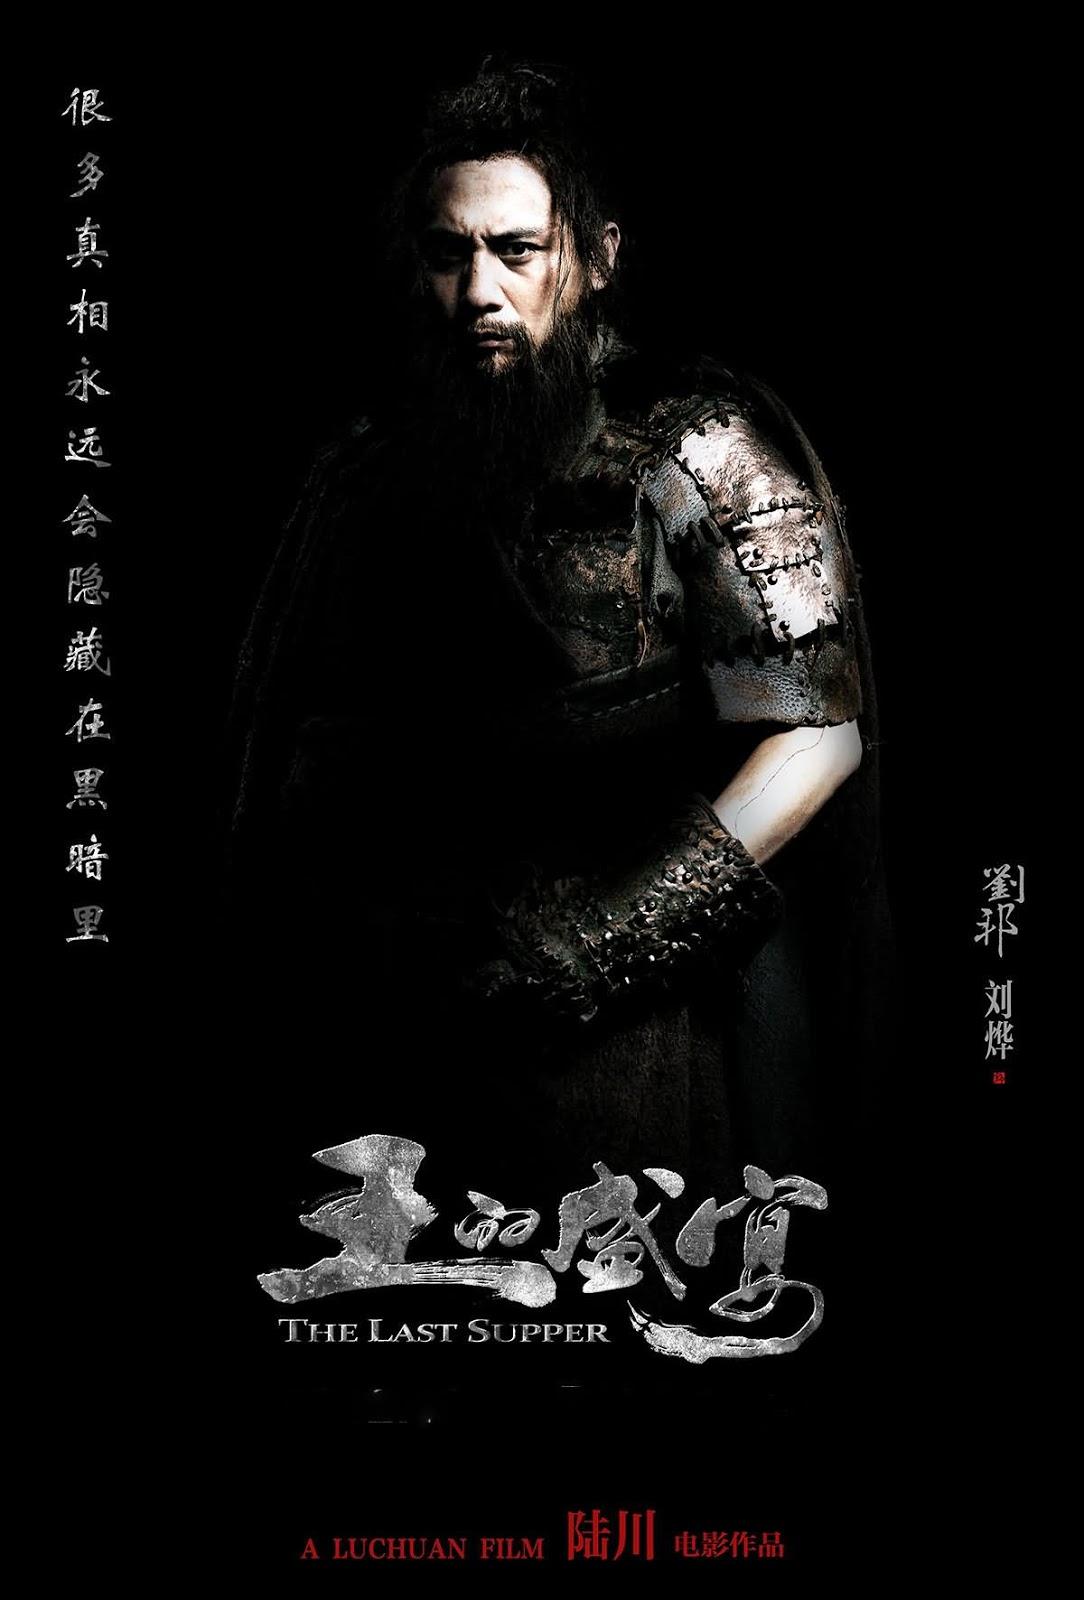 Liu Ye as Liu Bang